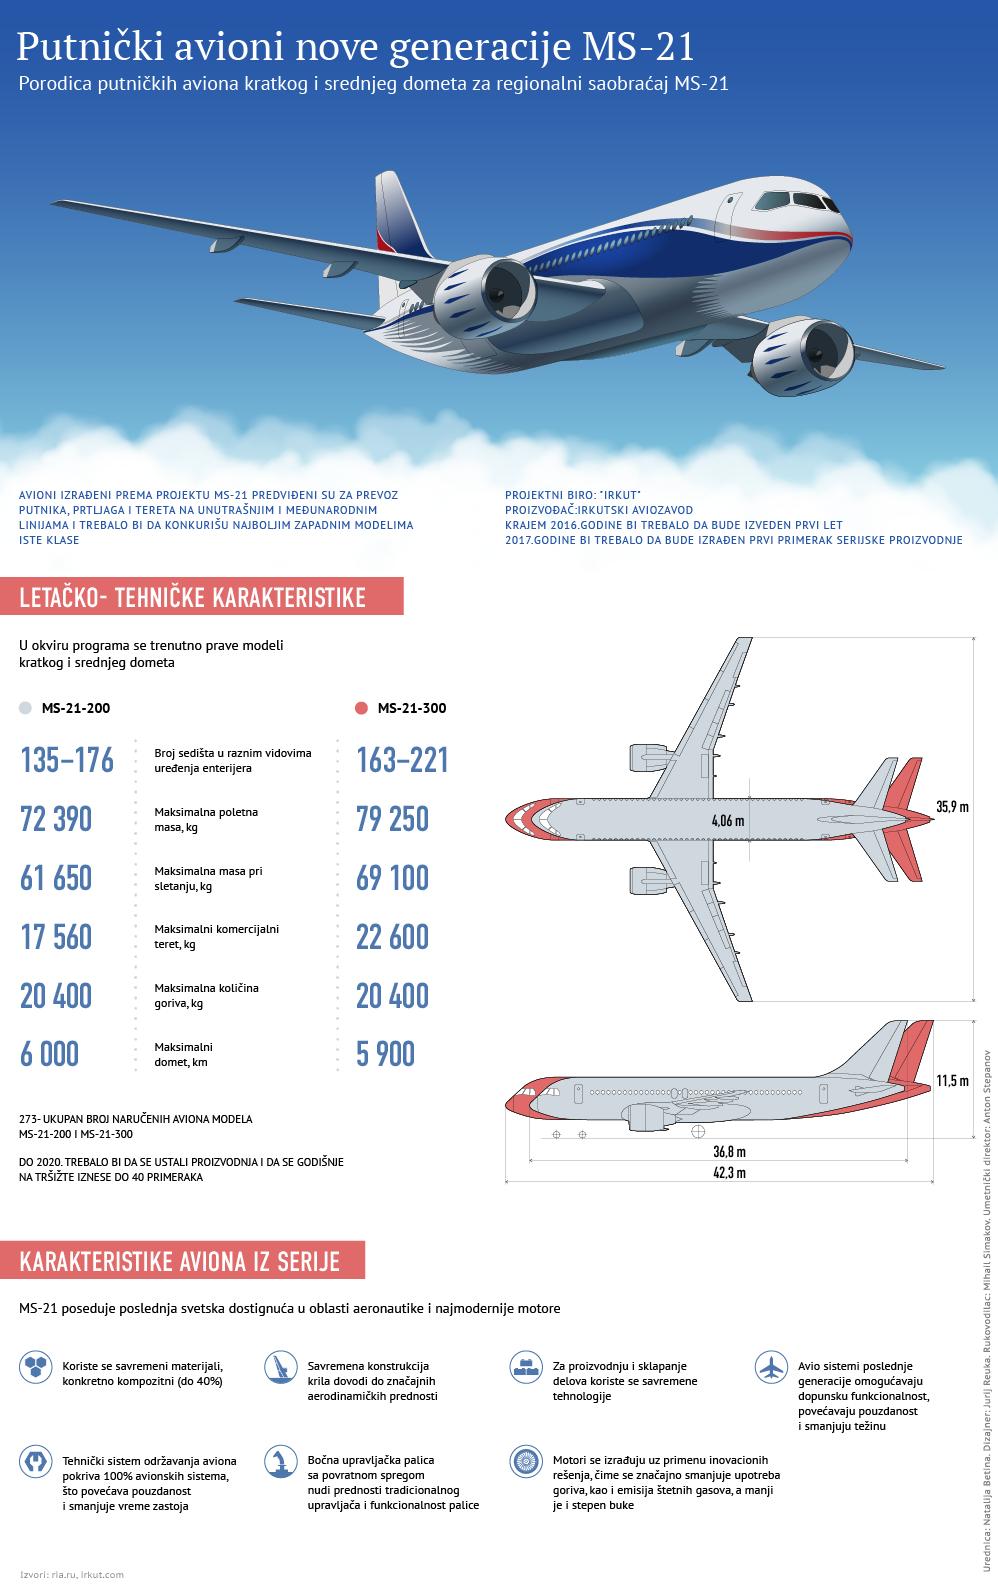 Ruski putnički avion nove generacije lat - Sputnik Srbija